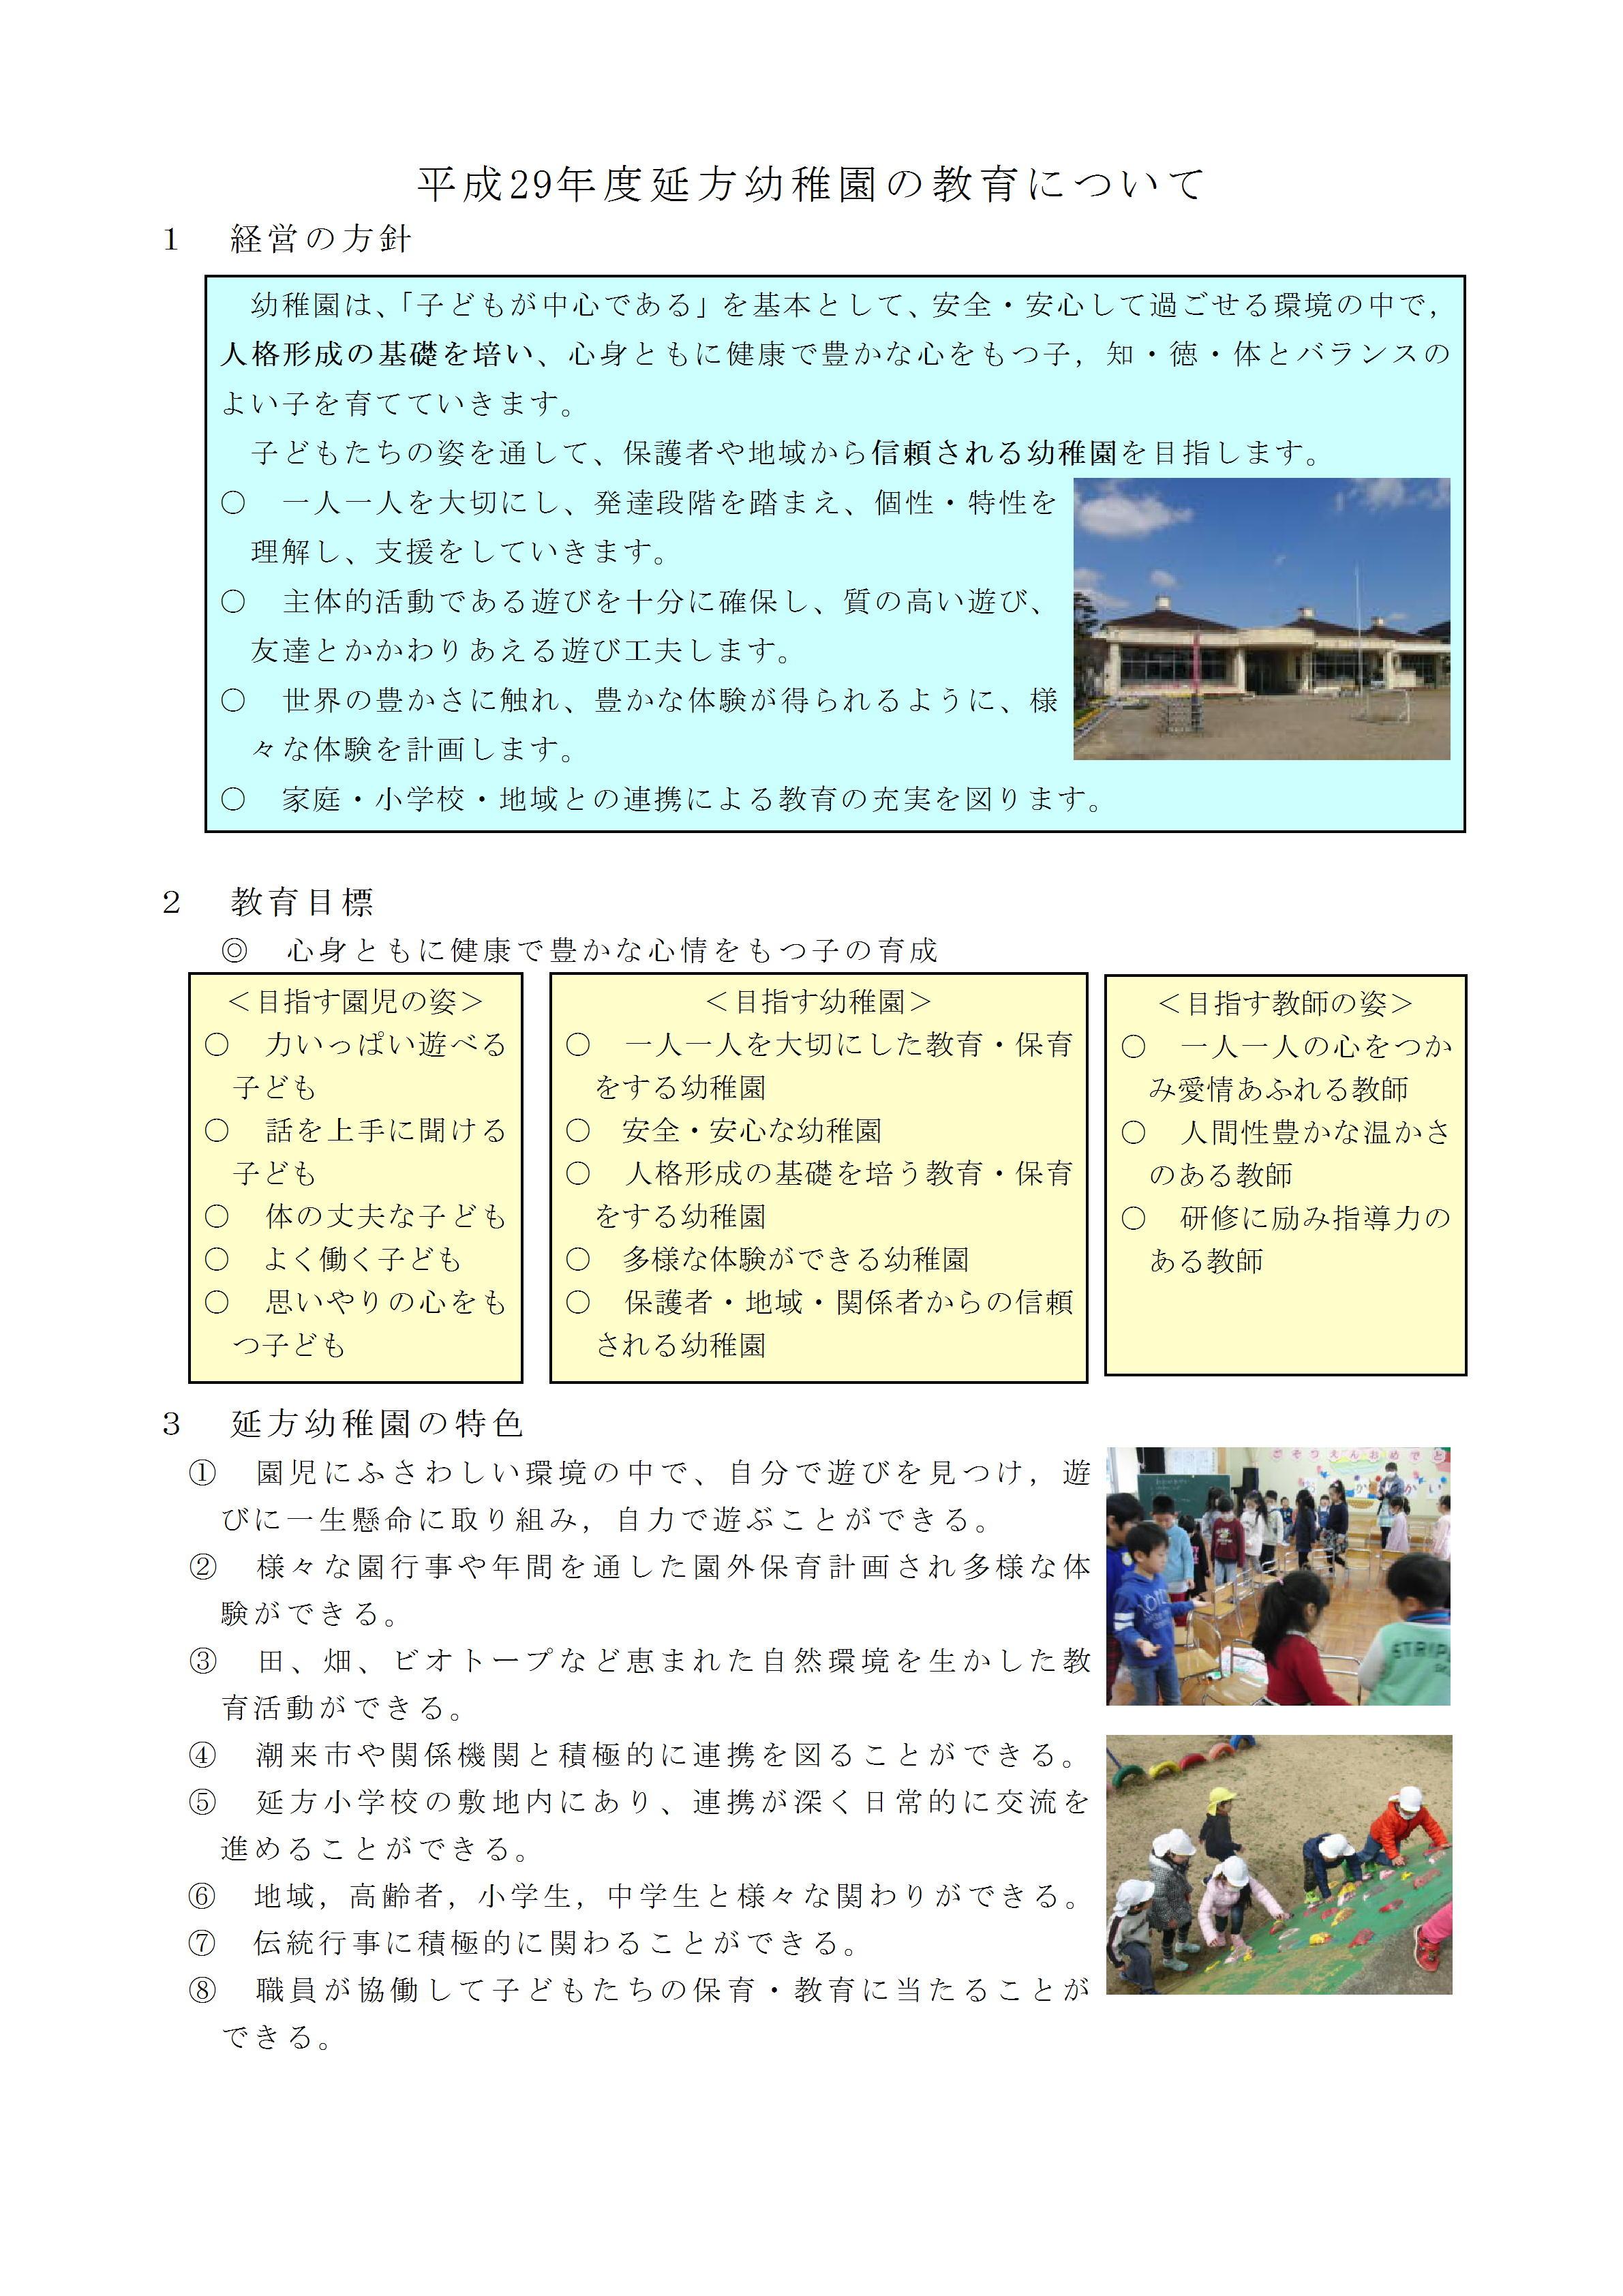 平成29年度延方幼稚園の教育